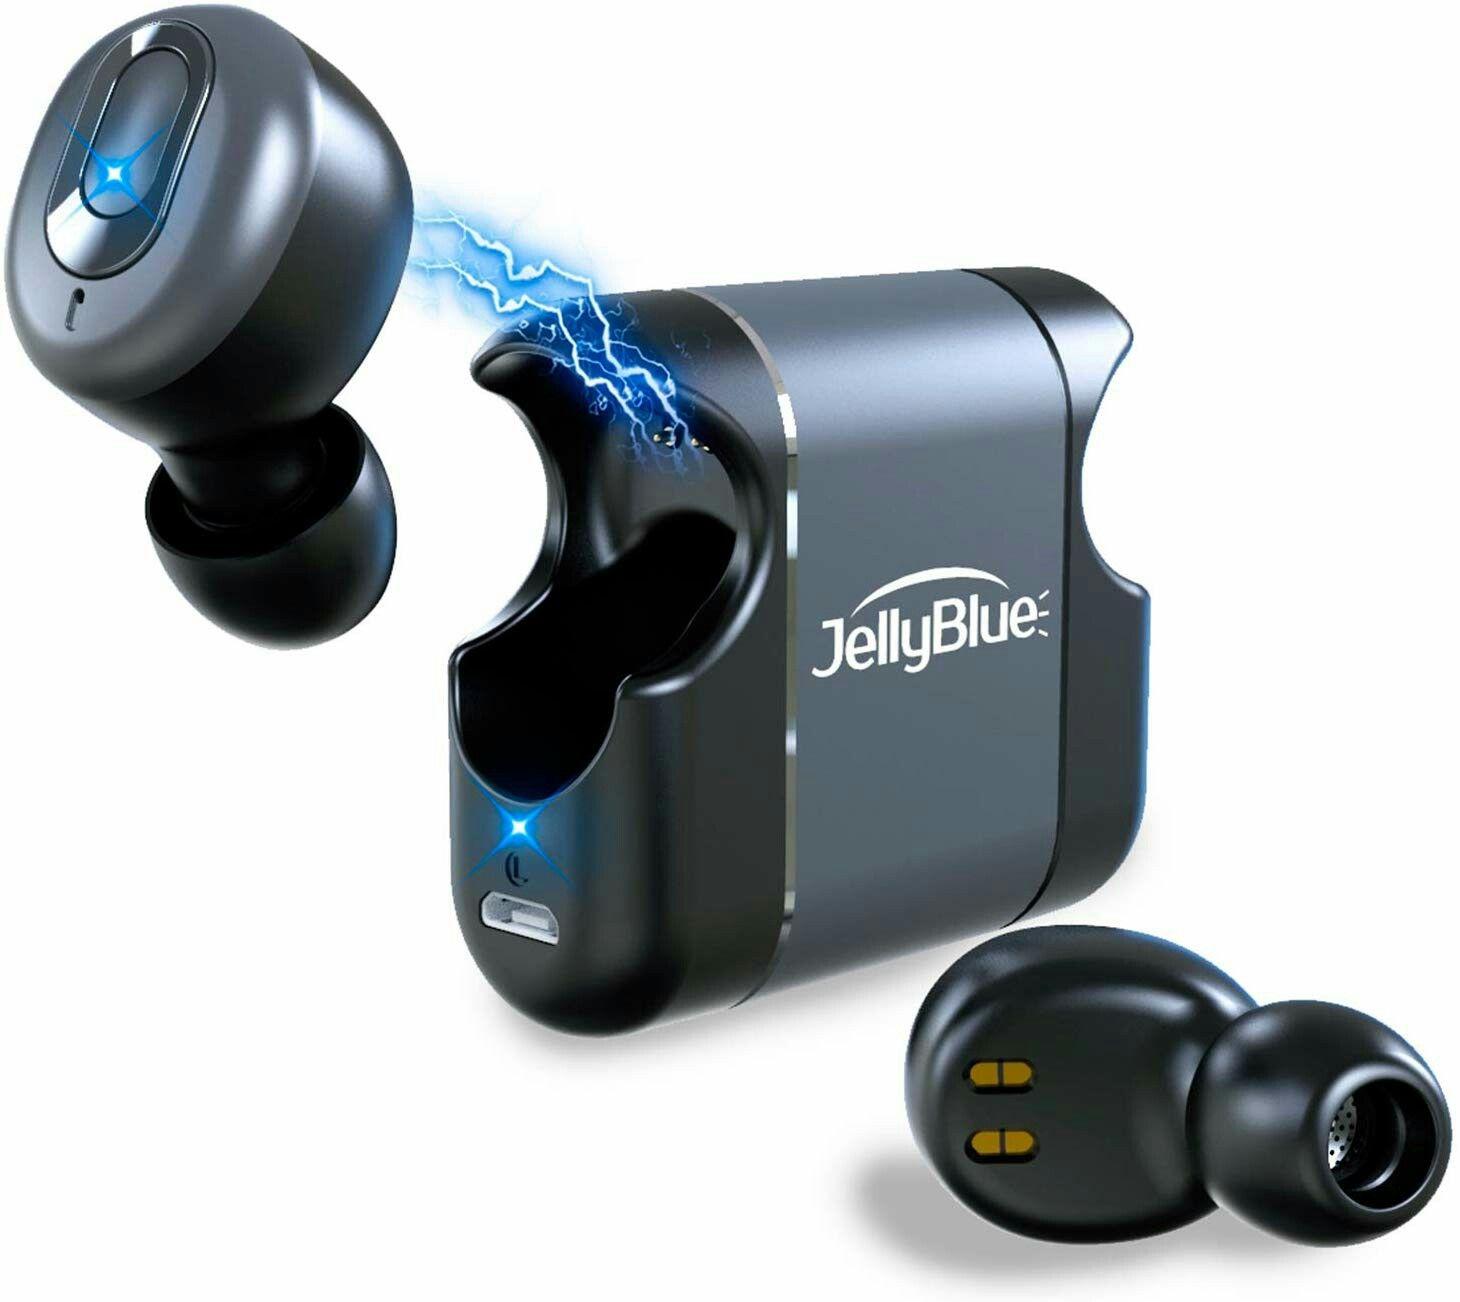 Price46.99 Wireless earbuds, Earbuds, Wireless earphones